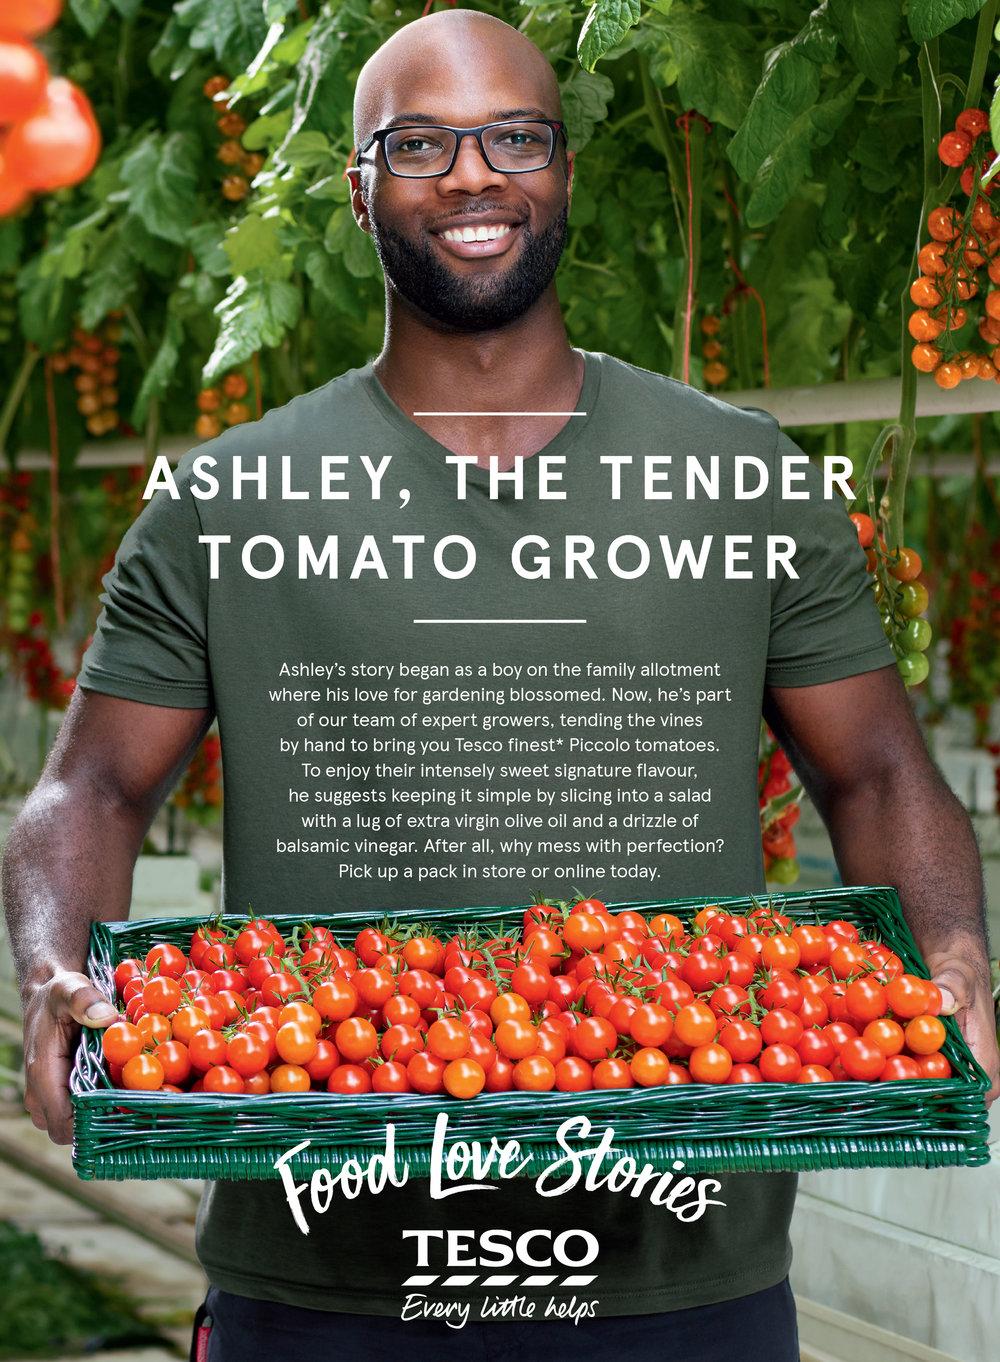 55657_Tomatoes_286x210.jpg